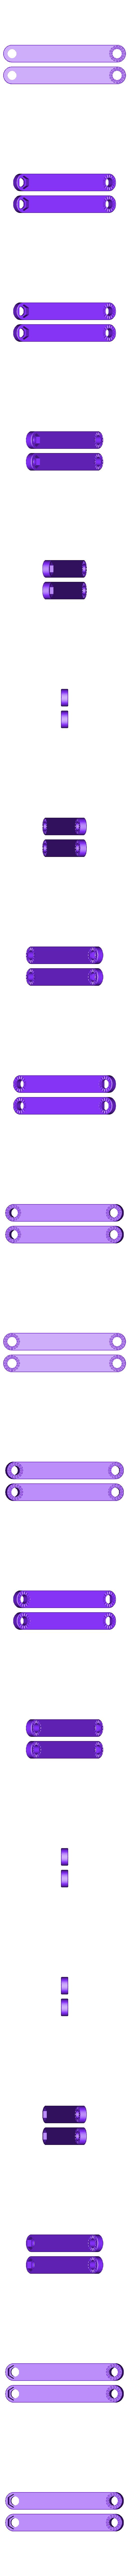 Arm Last v1.stl Télécharger fichier STL gratuit LiftPod - Support pliable multifonctionnel • Objet à imprimer en 3D, HeyVye